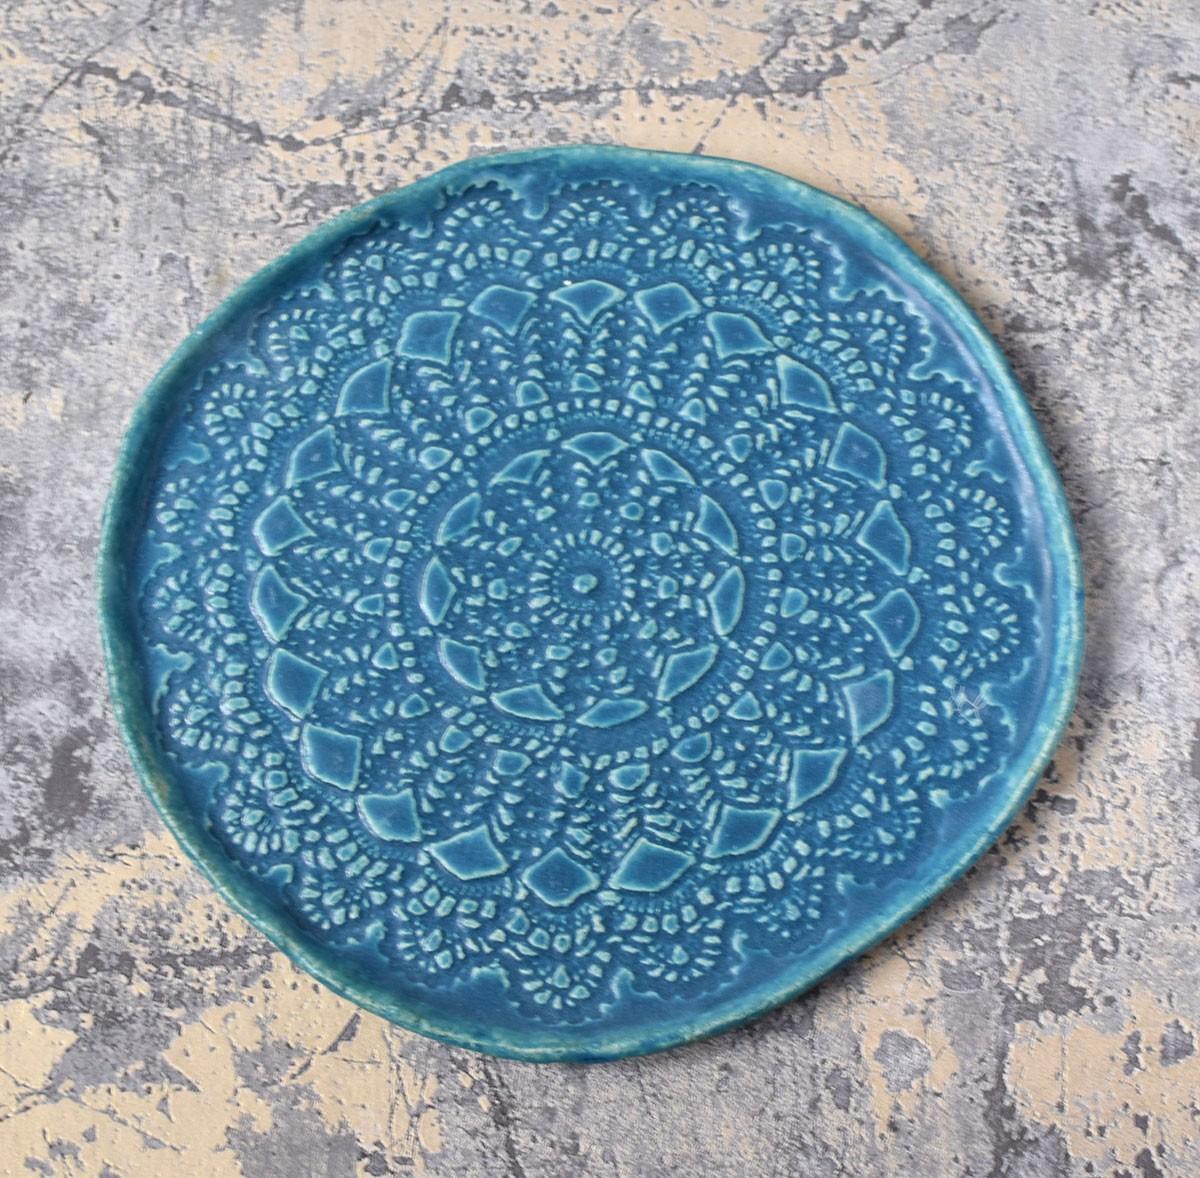 картинка Большая бирюзовая тарелка с кружевом - DishWishes.Ru